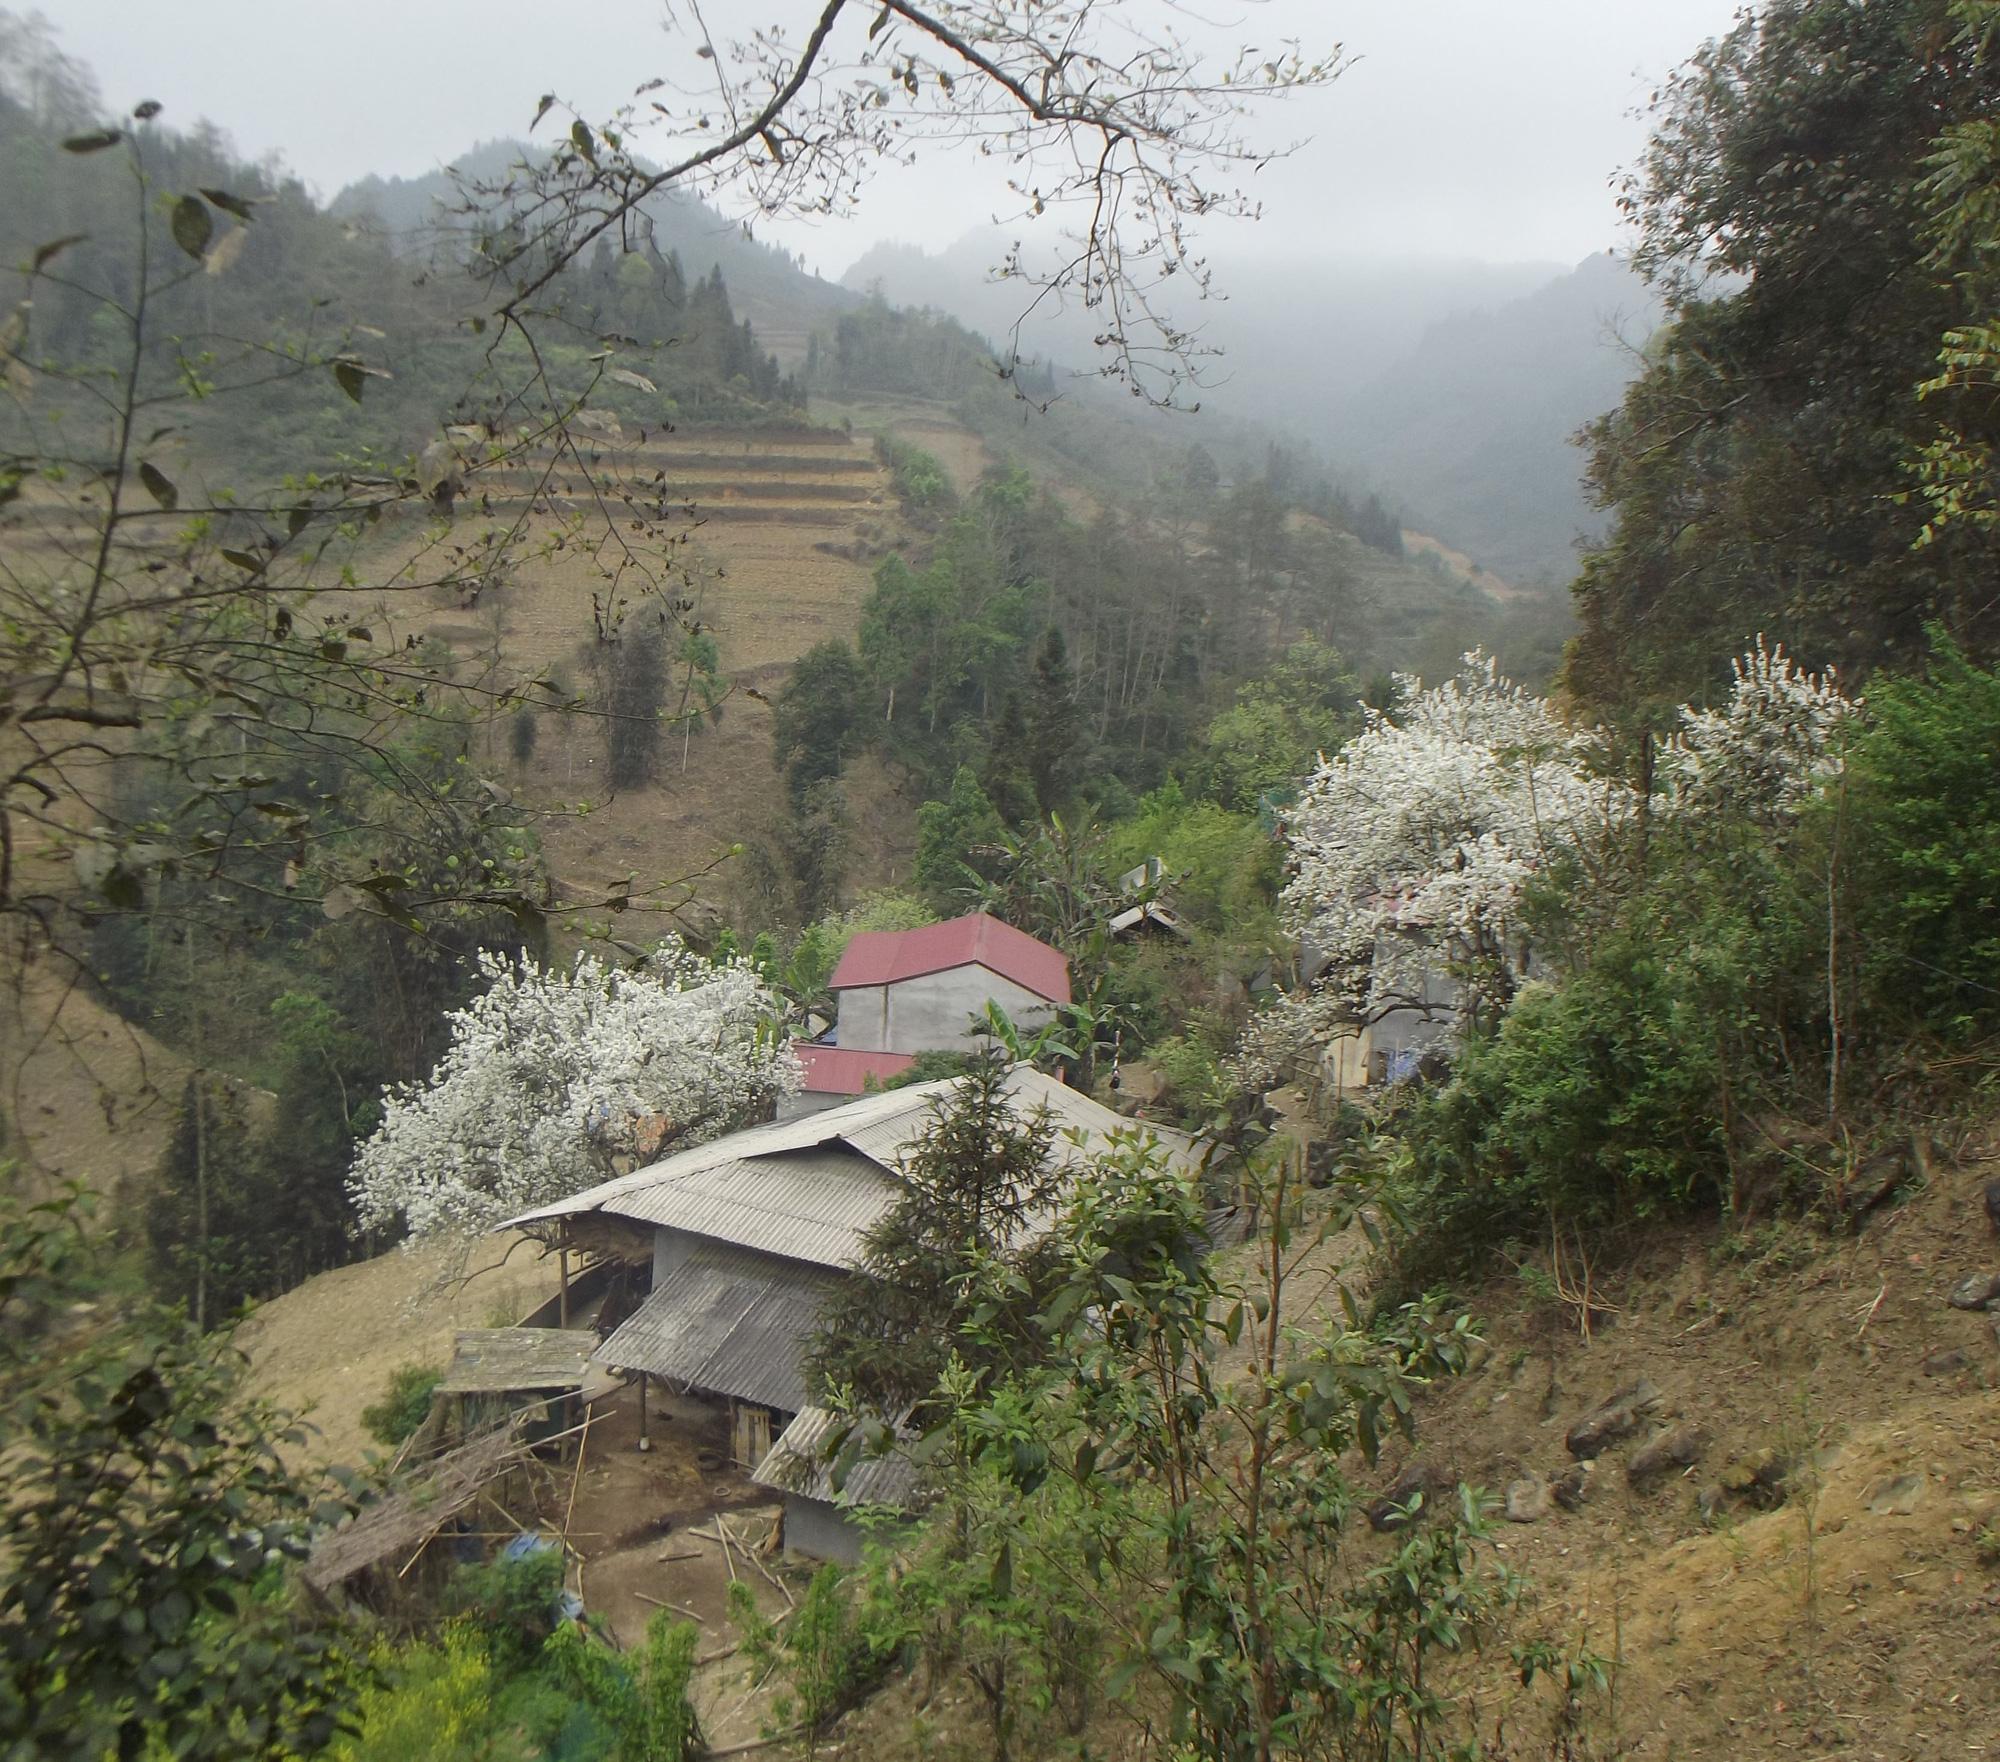 Lào Cai: Du khách đổ xô đến ngắm 3 cây lê cổ thụ, mọc trắng xóa sau nhà trình tường ở Bắc Hà - Ảnh 5.